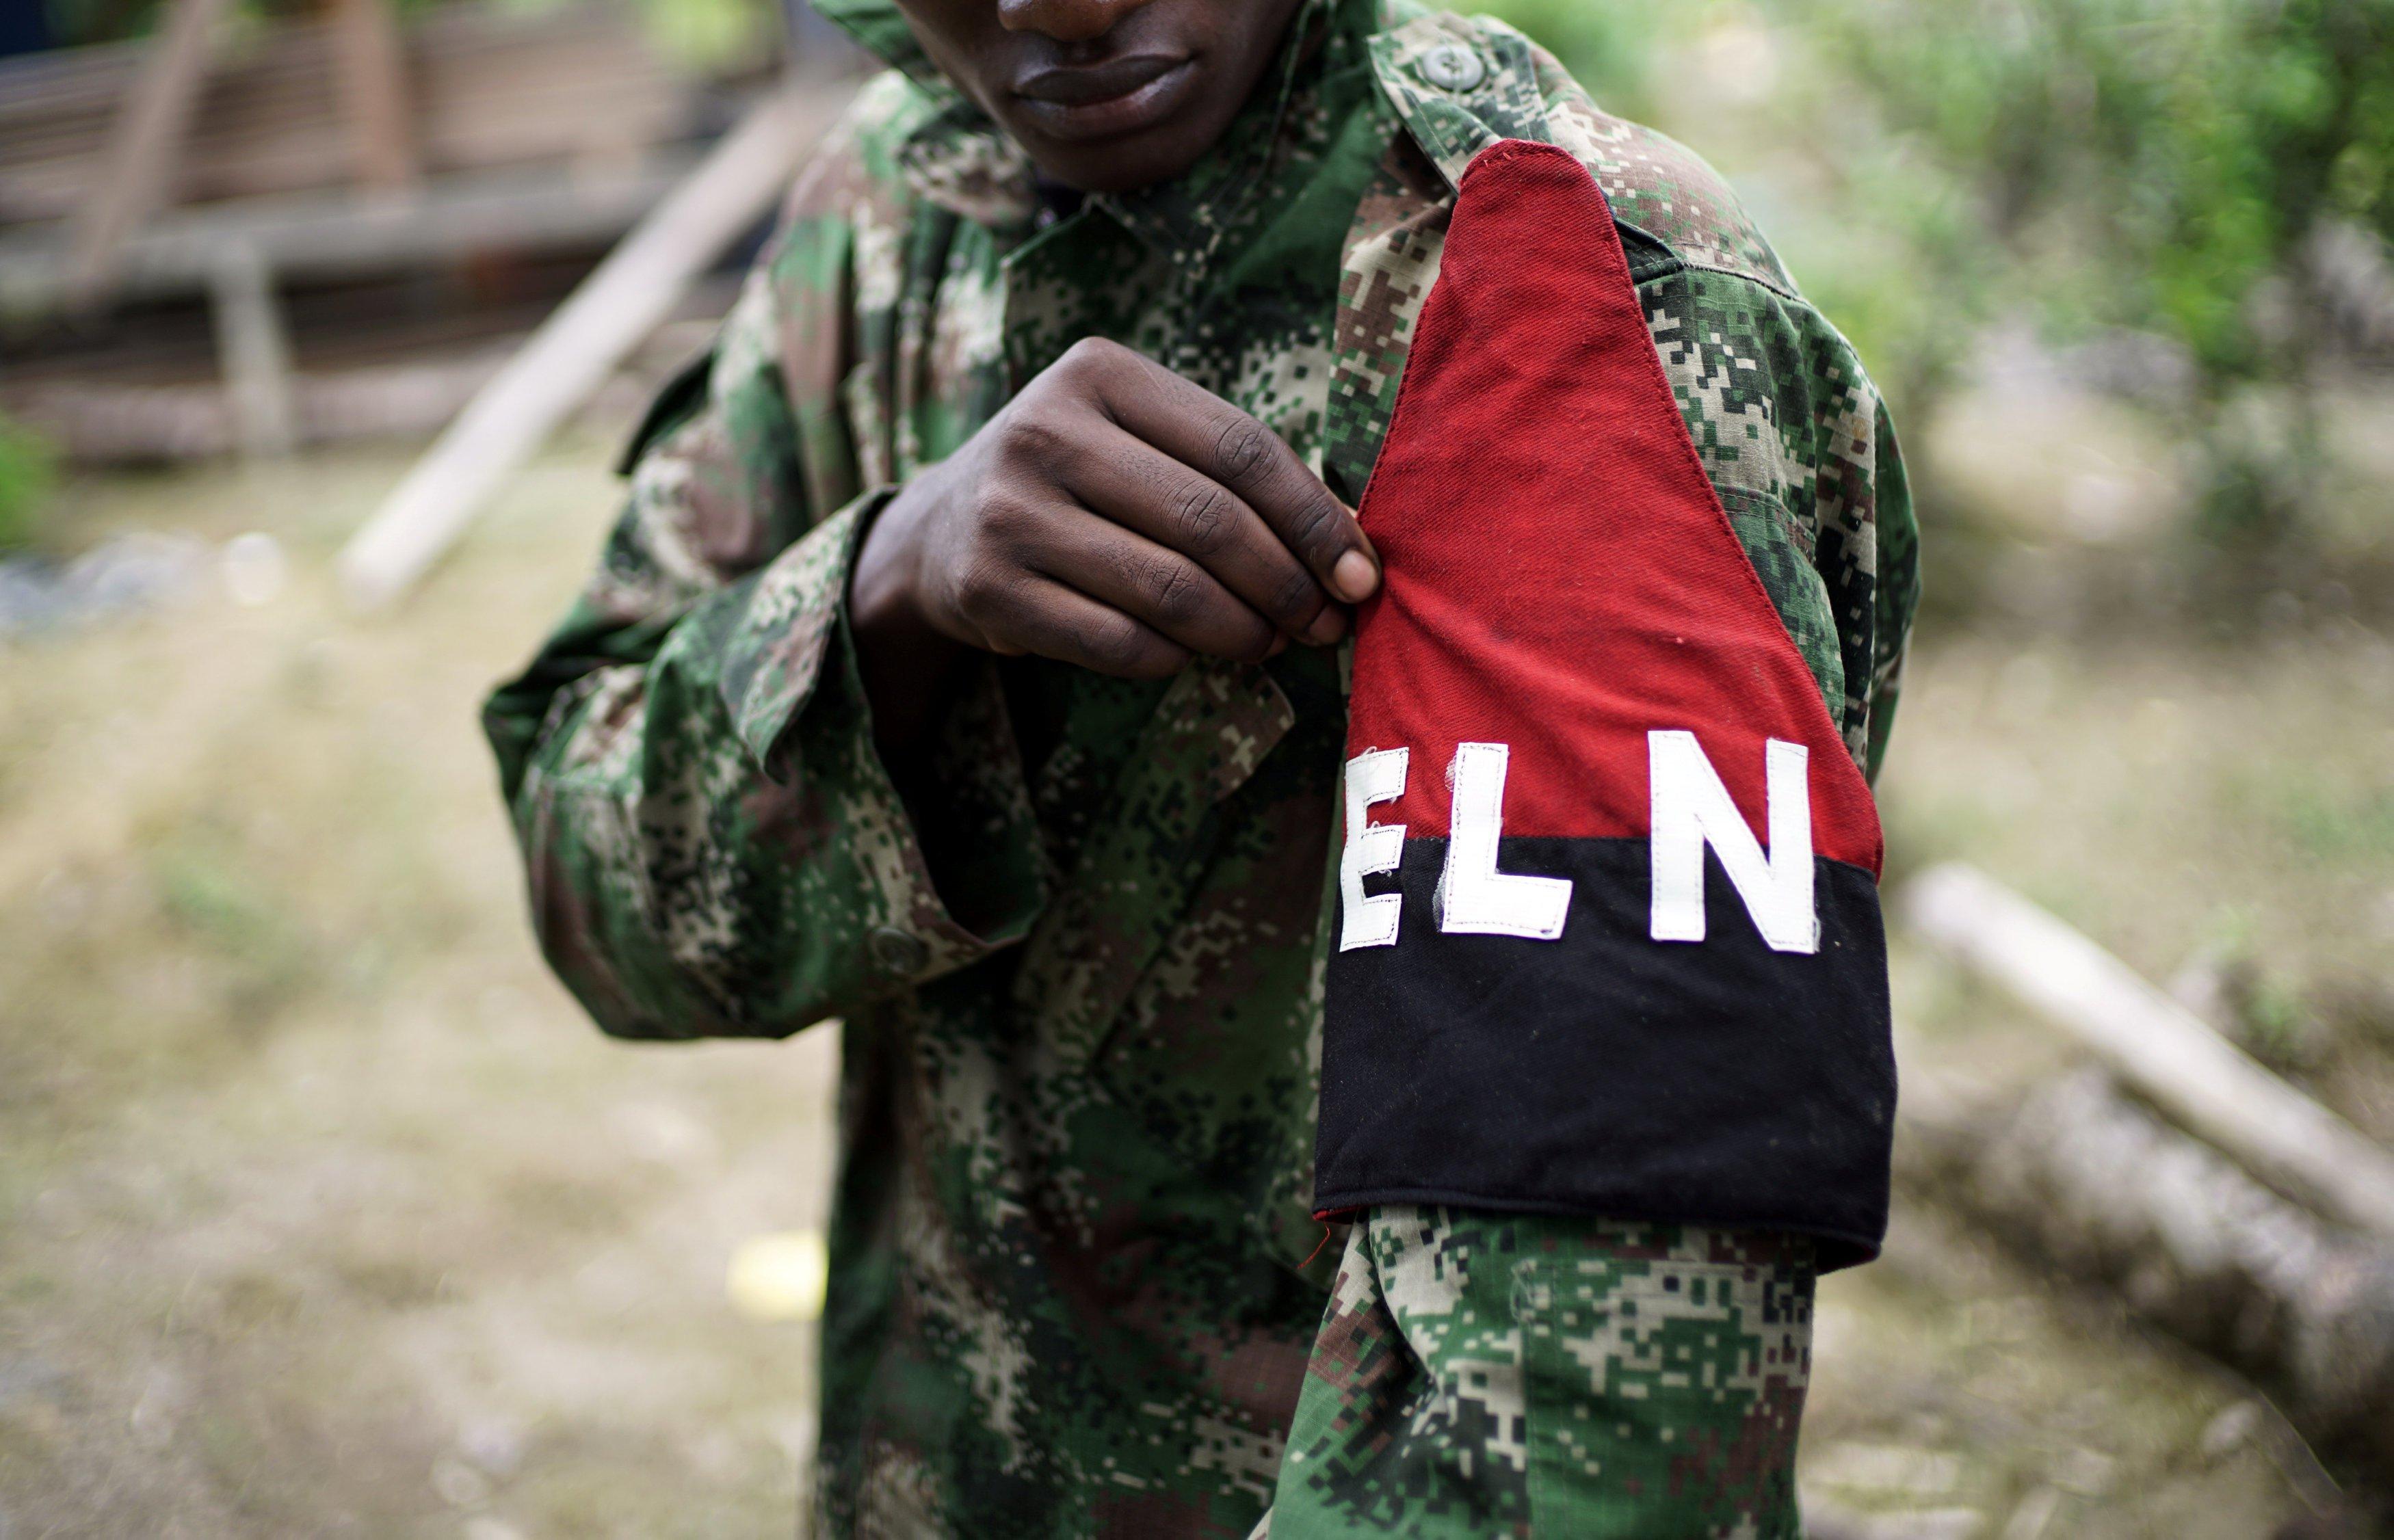 ELN: ¿Ejército De Liberación Nacional?